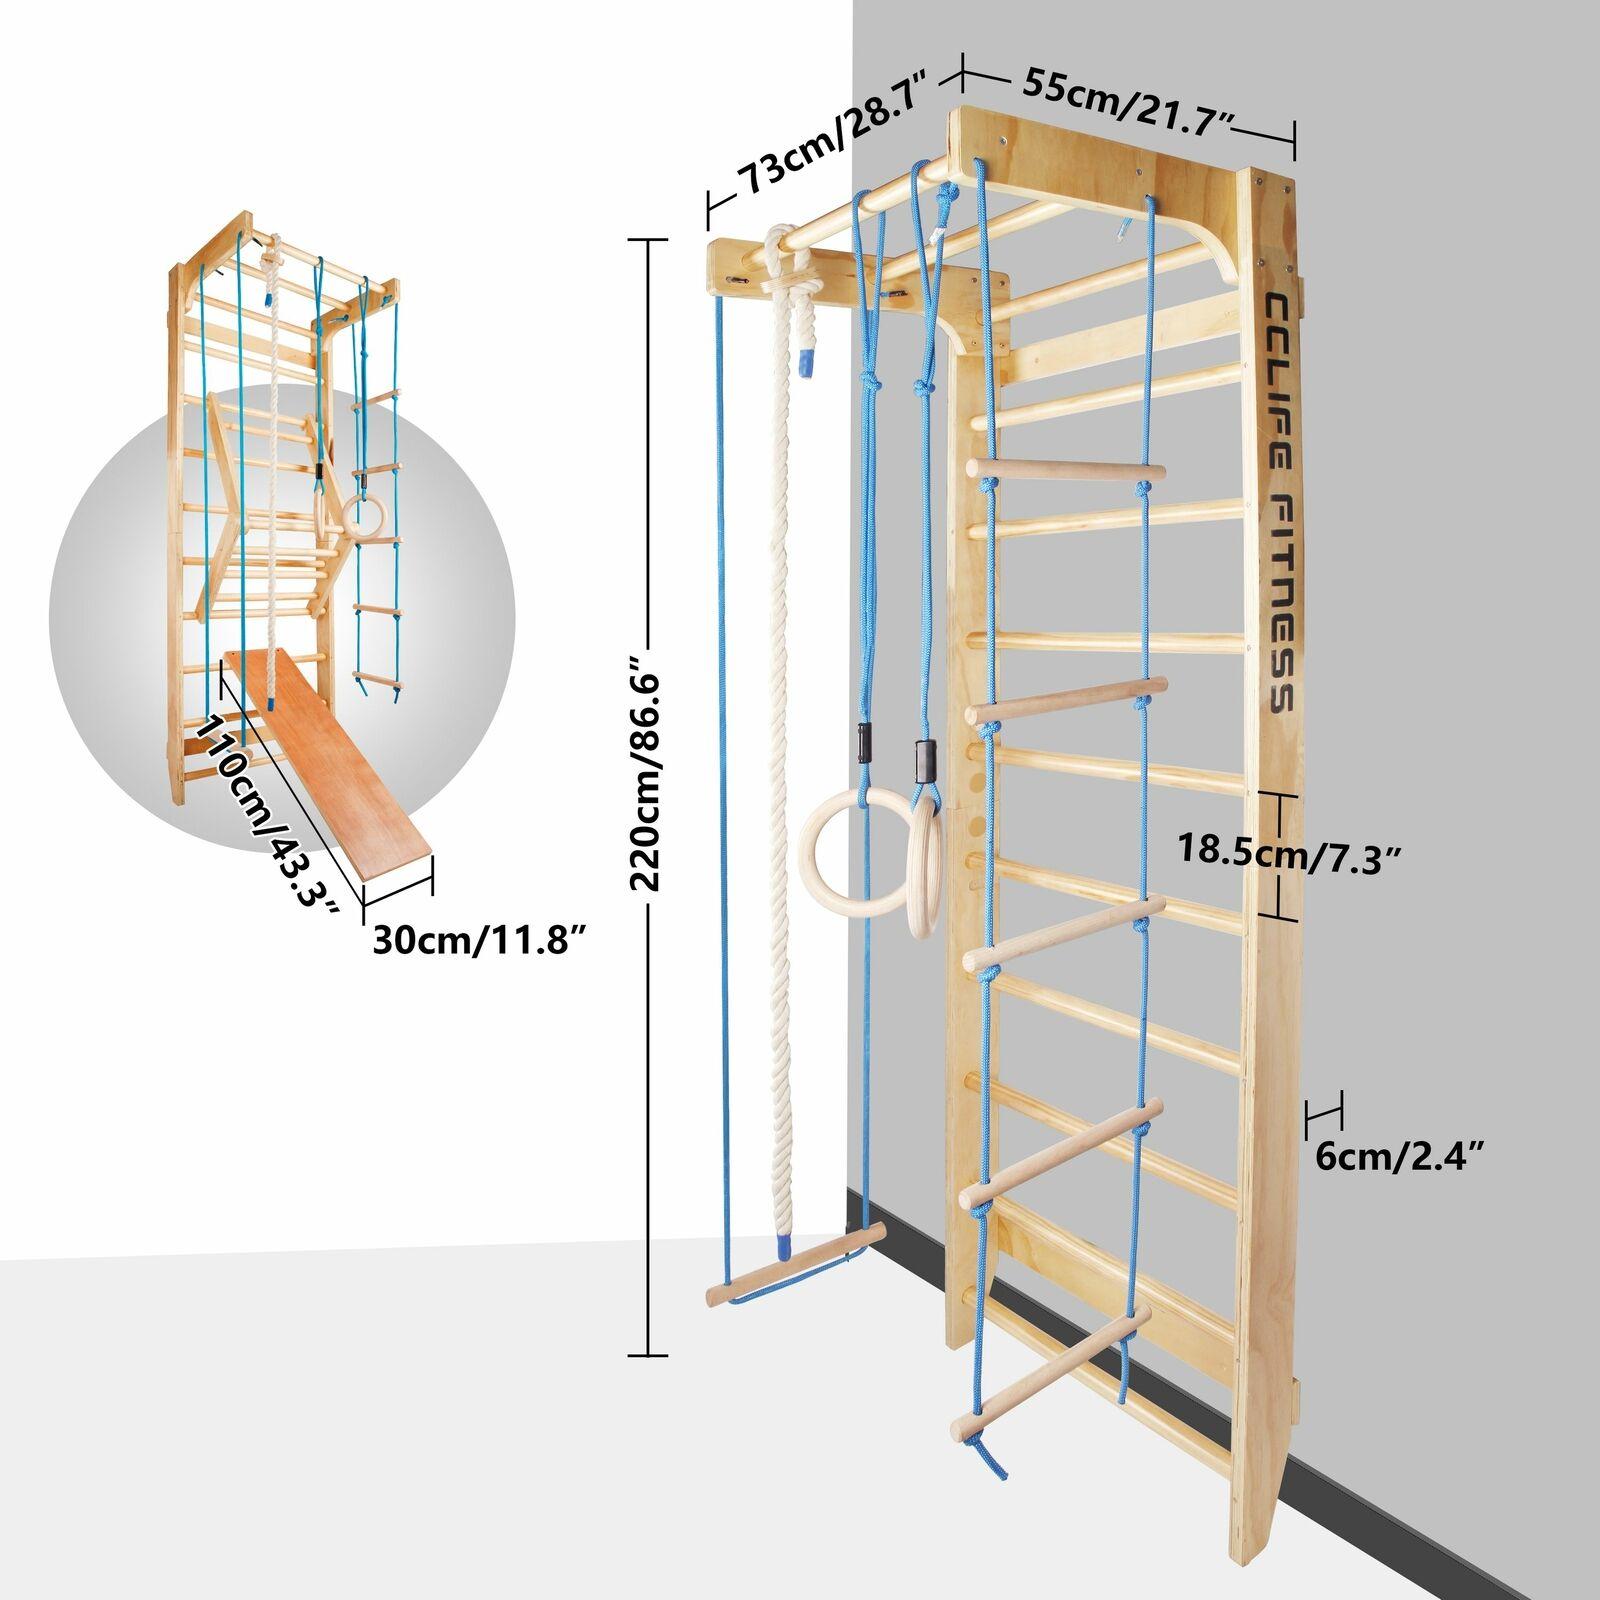 Full Size of Sprossenwand Kletterwand Turnwand Klettergerst Klettergerüst Garten Wohnzimmer Klettergerüst Indoor